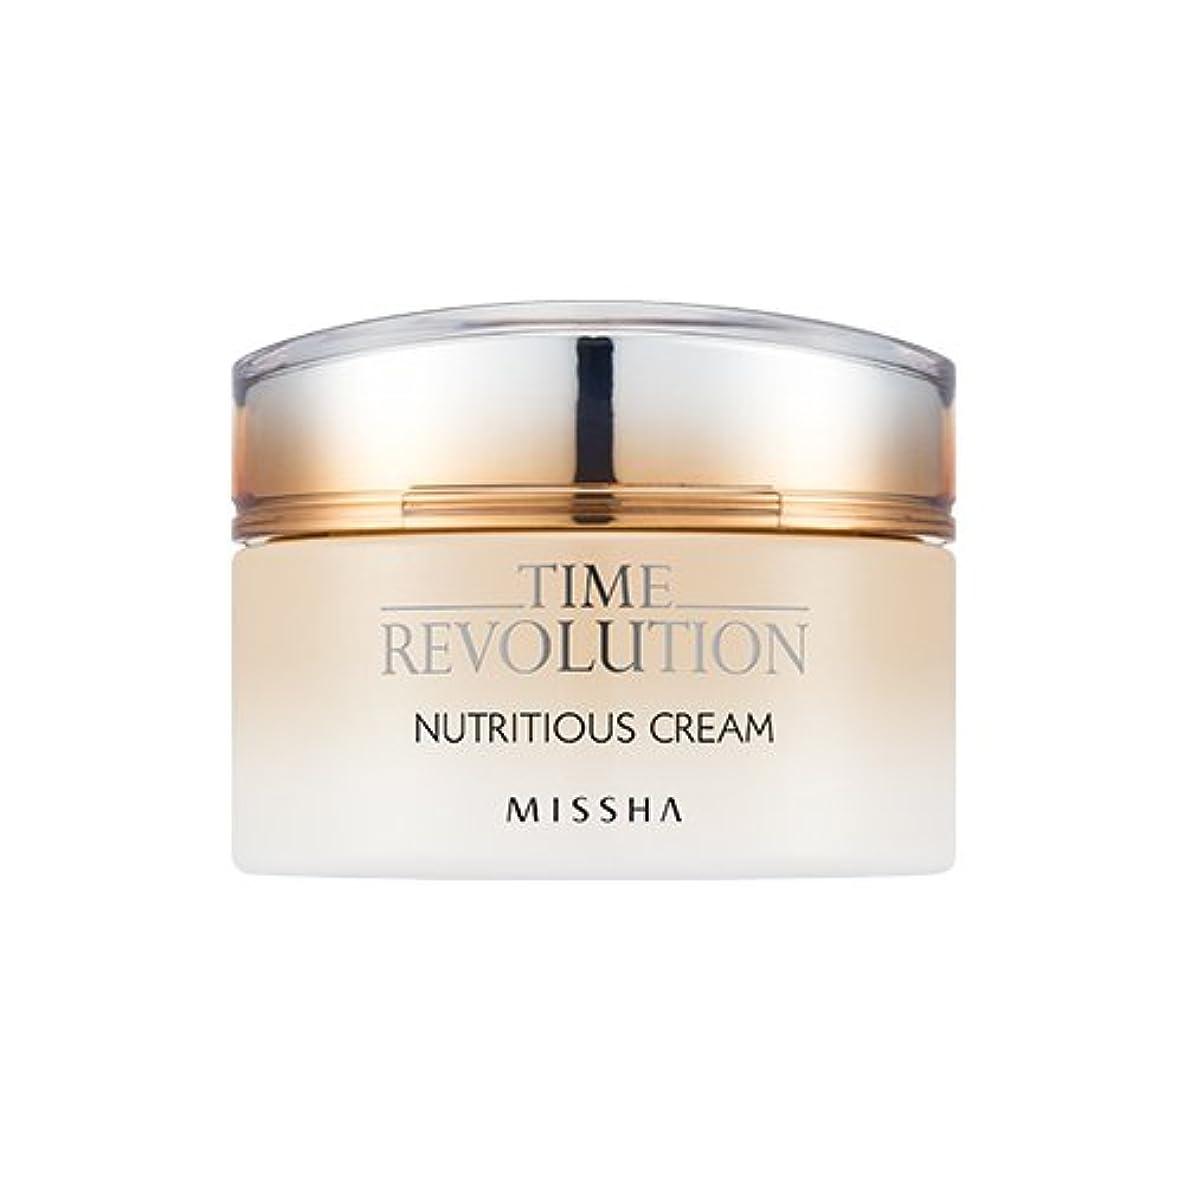 刻む色合い国旗[New] MISSHA Time Revolution Nutritious Cream 50ml/ミシャ タイム レボリューション ニュートリシャス クリーム 50ml [並行輸入品]